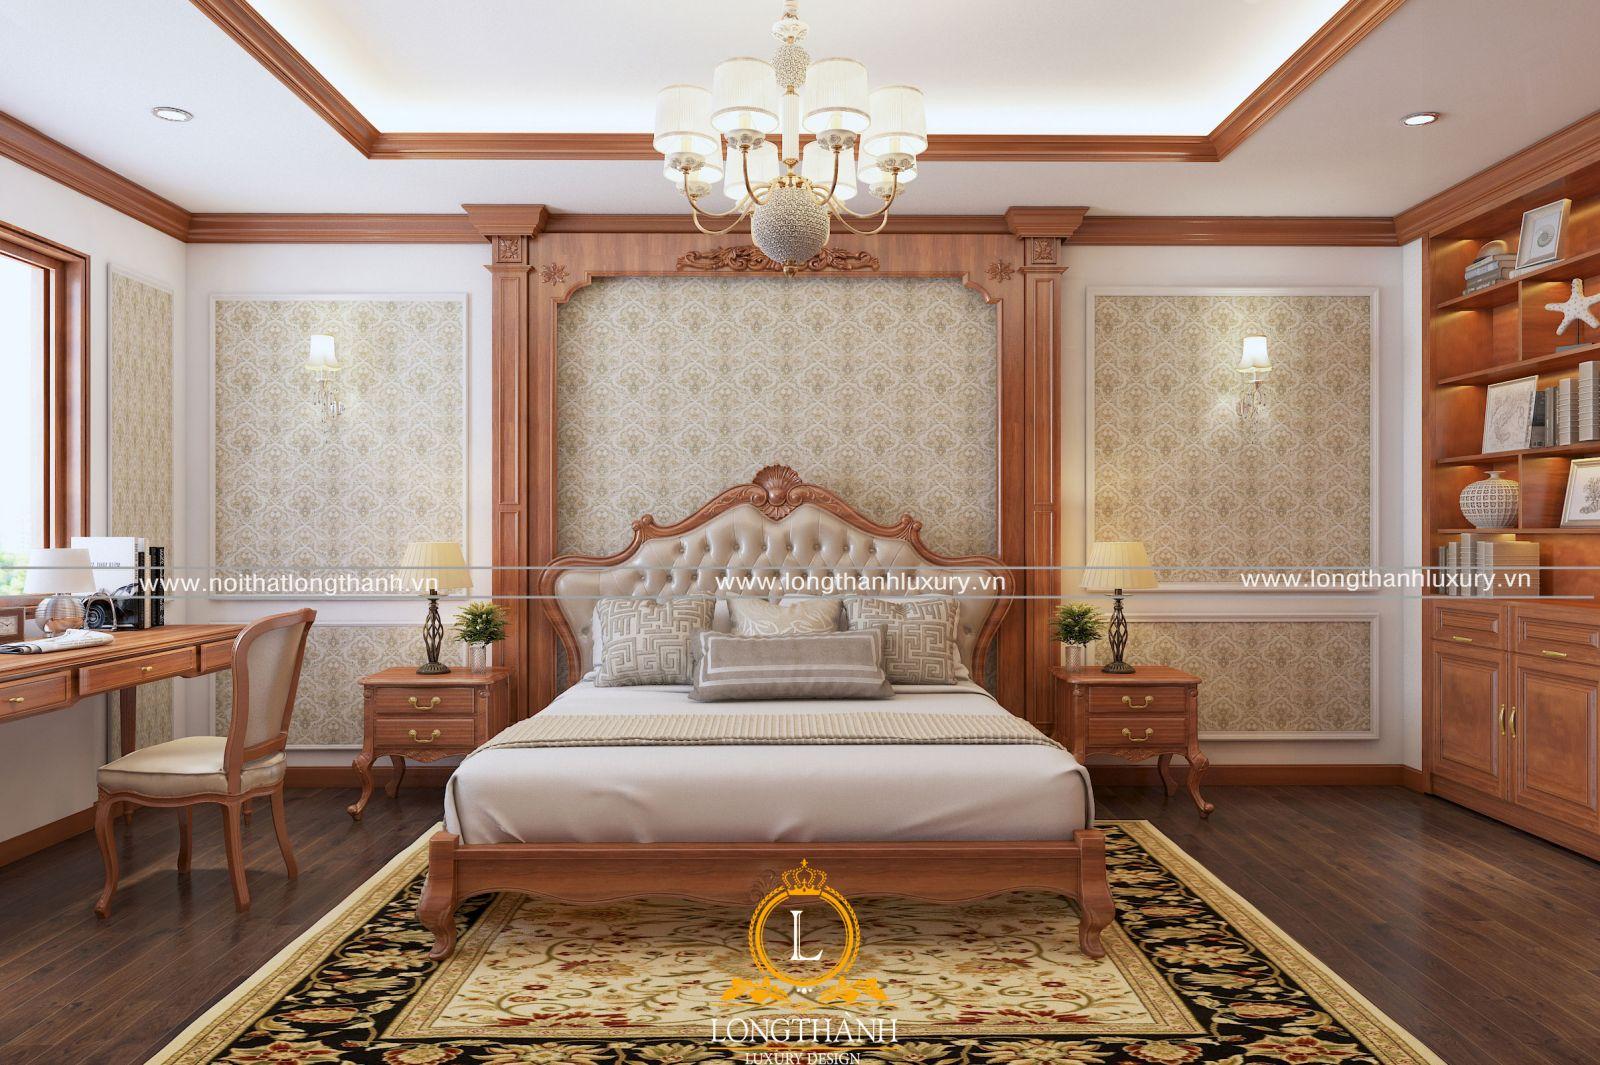 Thiết kế phòng ngủ master tân cổ điển hiện đại